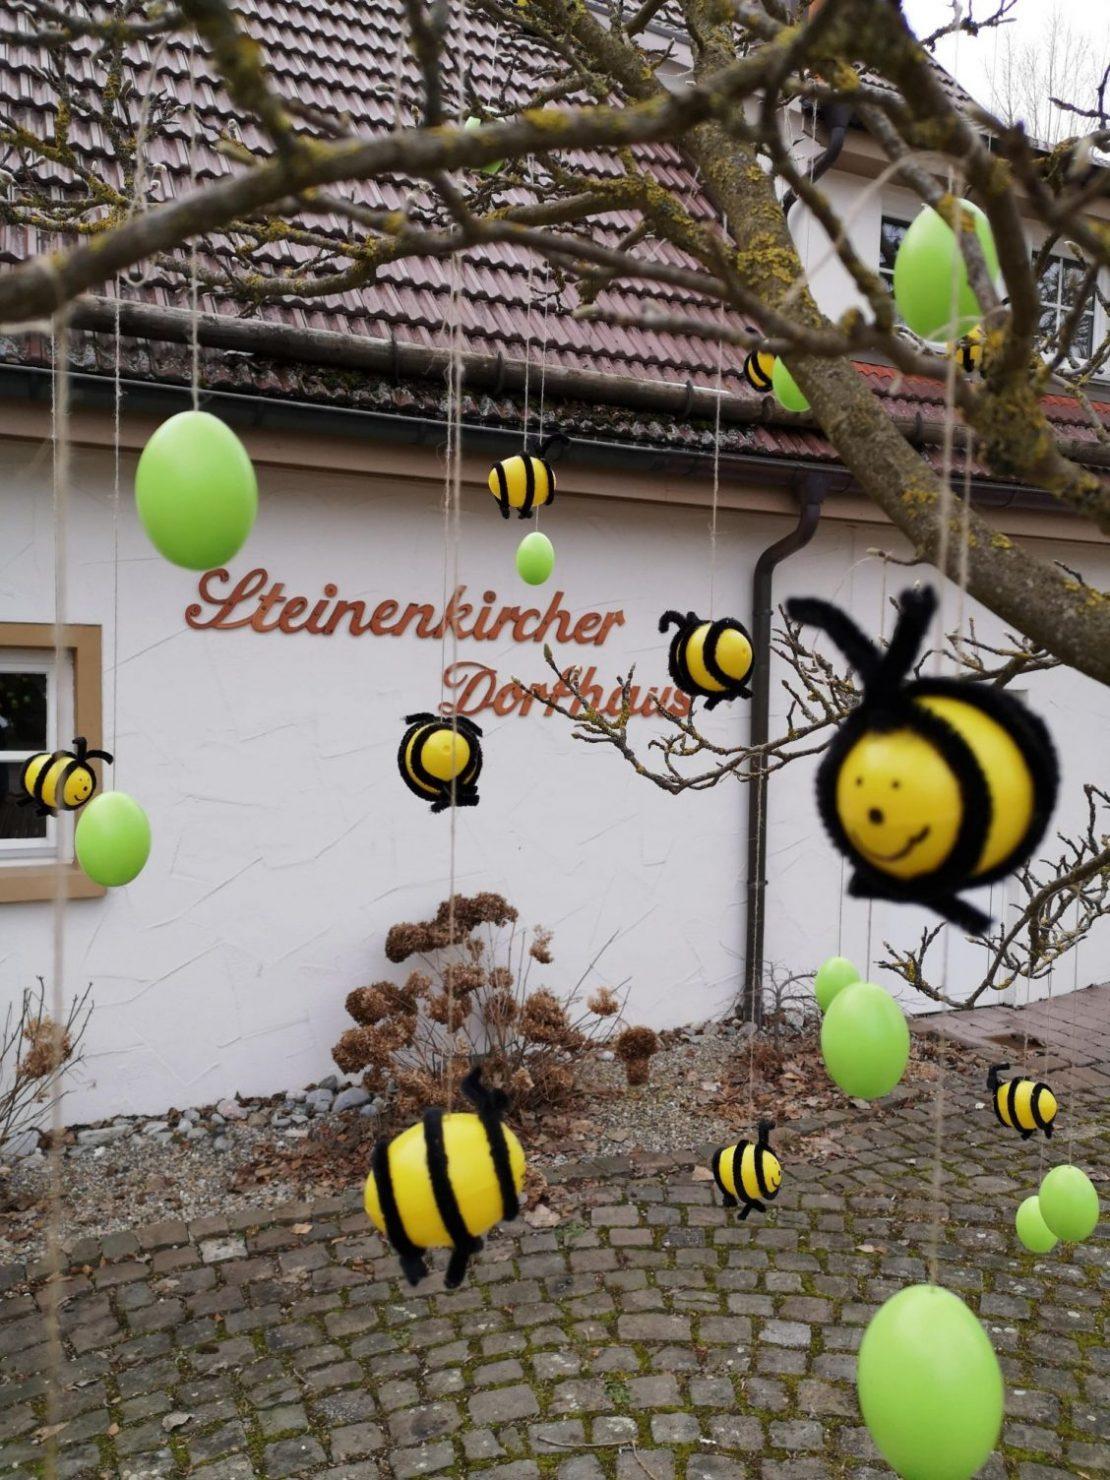 Steinenkircher-Dorfhaus-Ostern2021-1128×1504